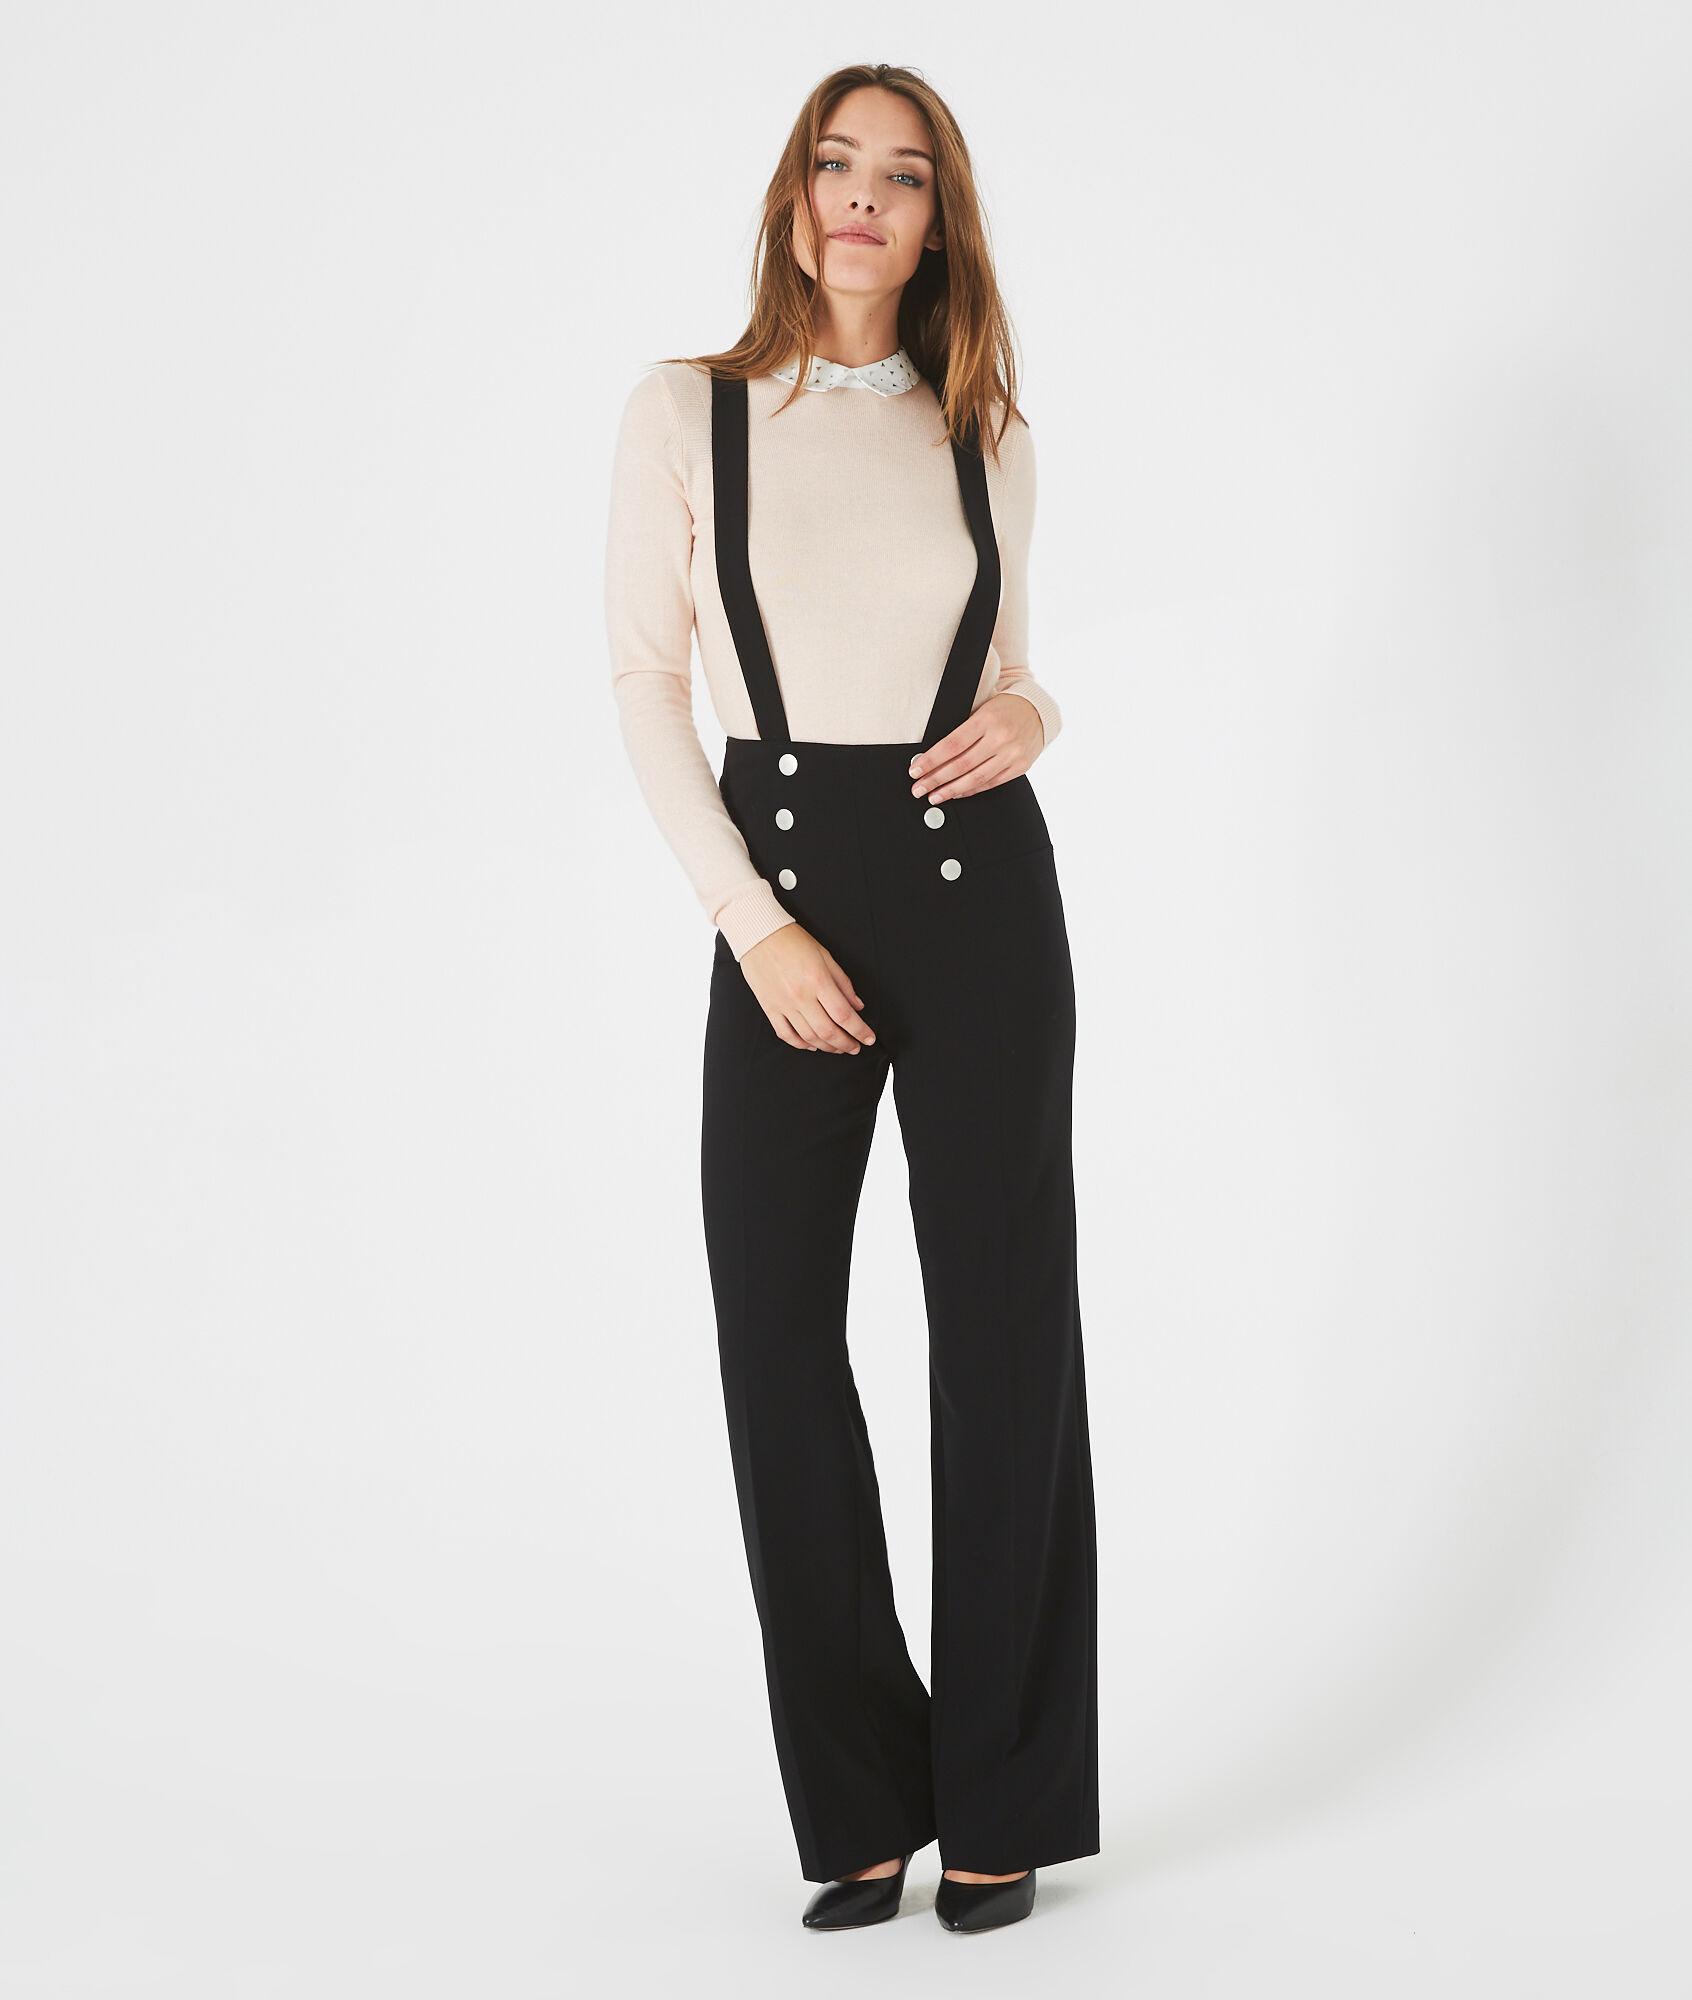 pantalon femme bretelles parfaites pour toute occasion. Black Bedroom Furniture Sets. Home Design Ideas